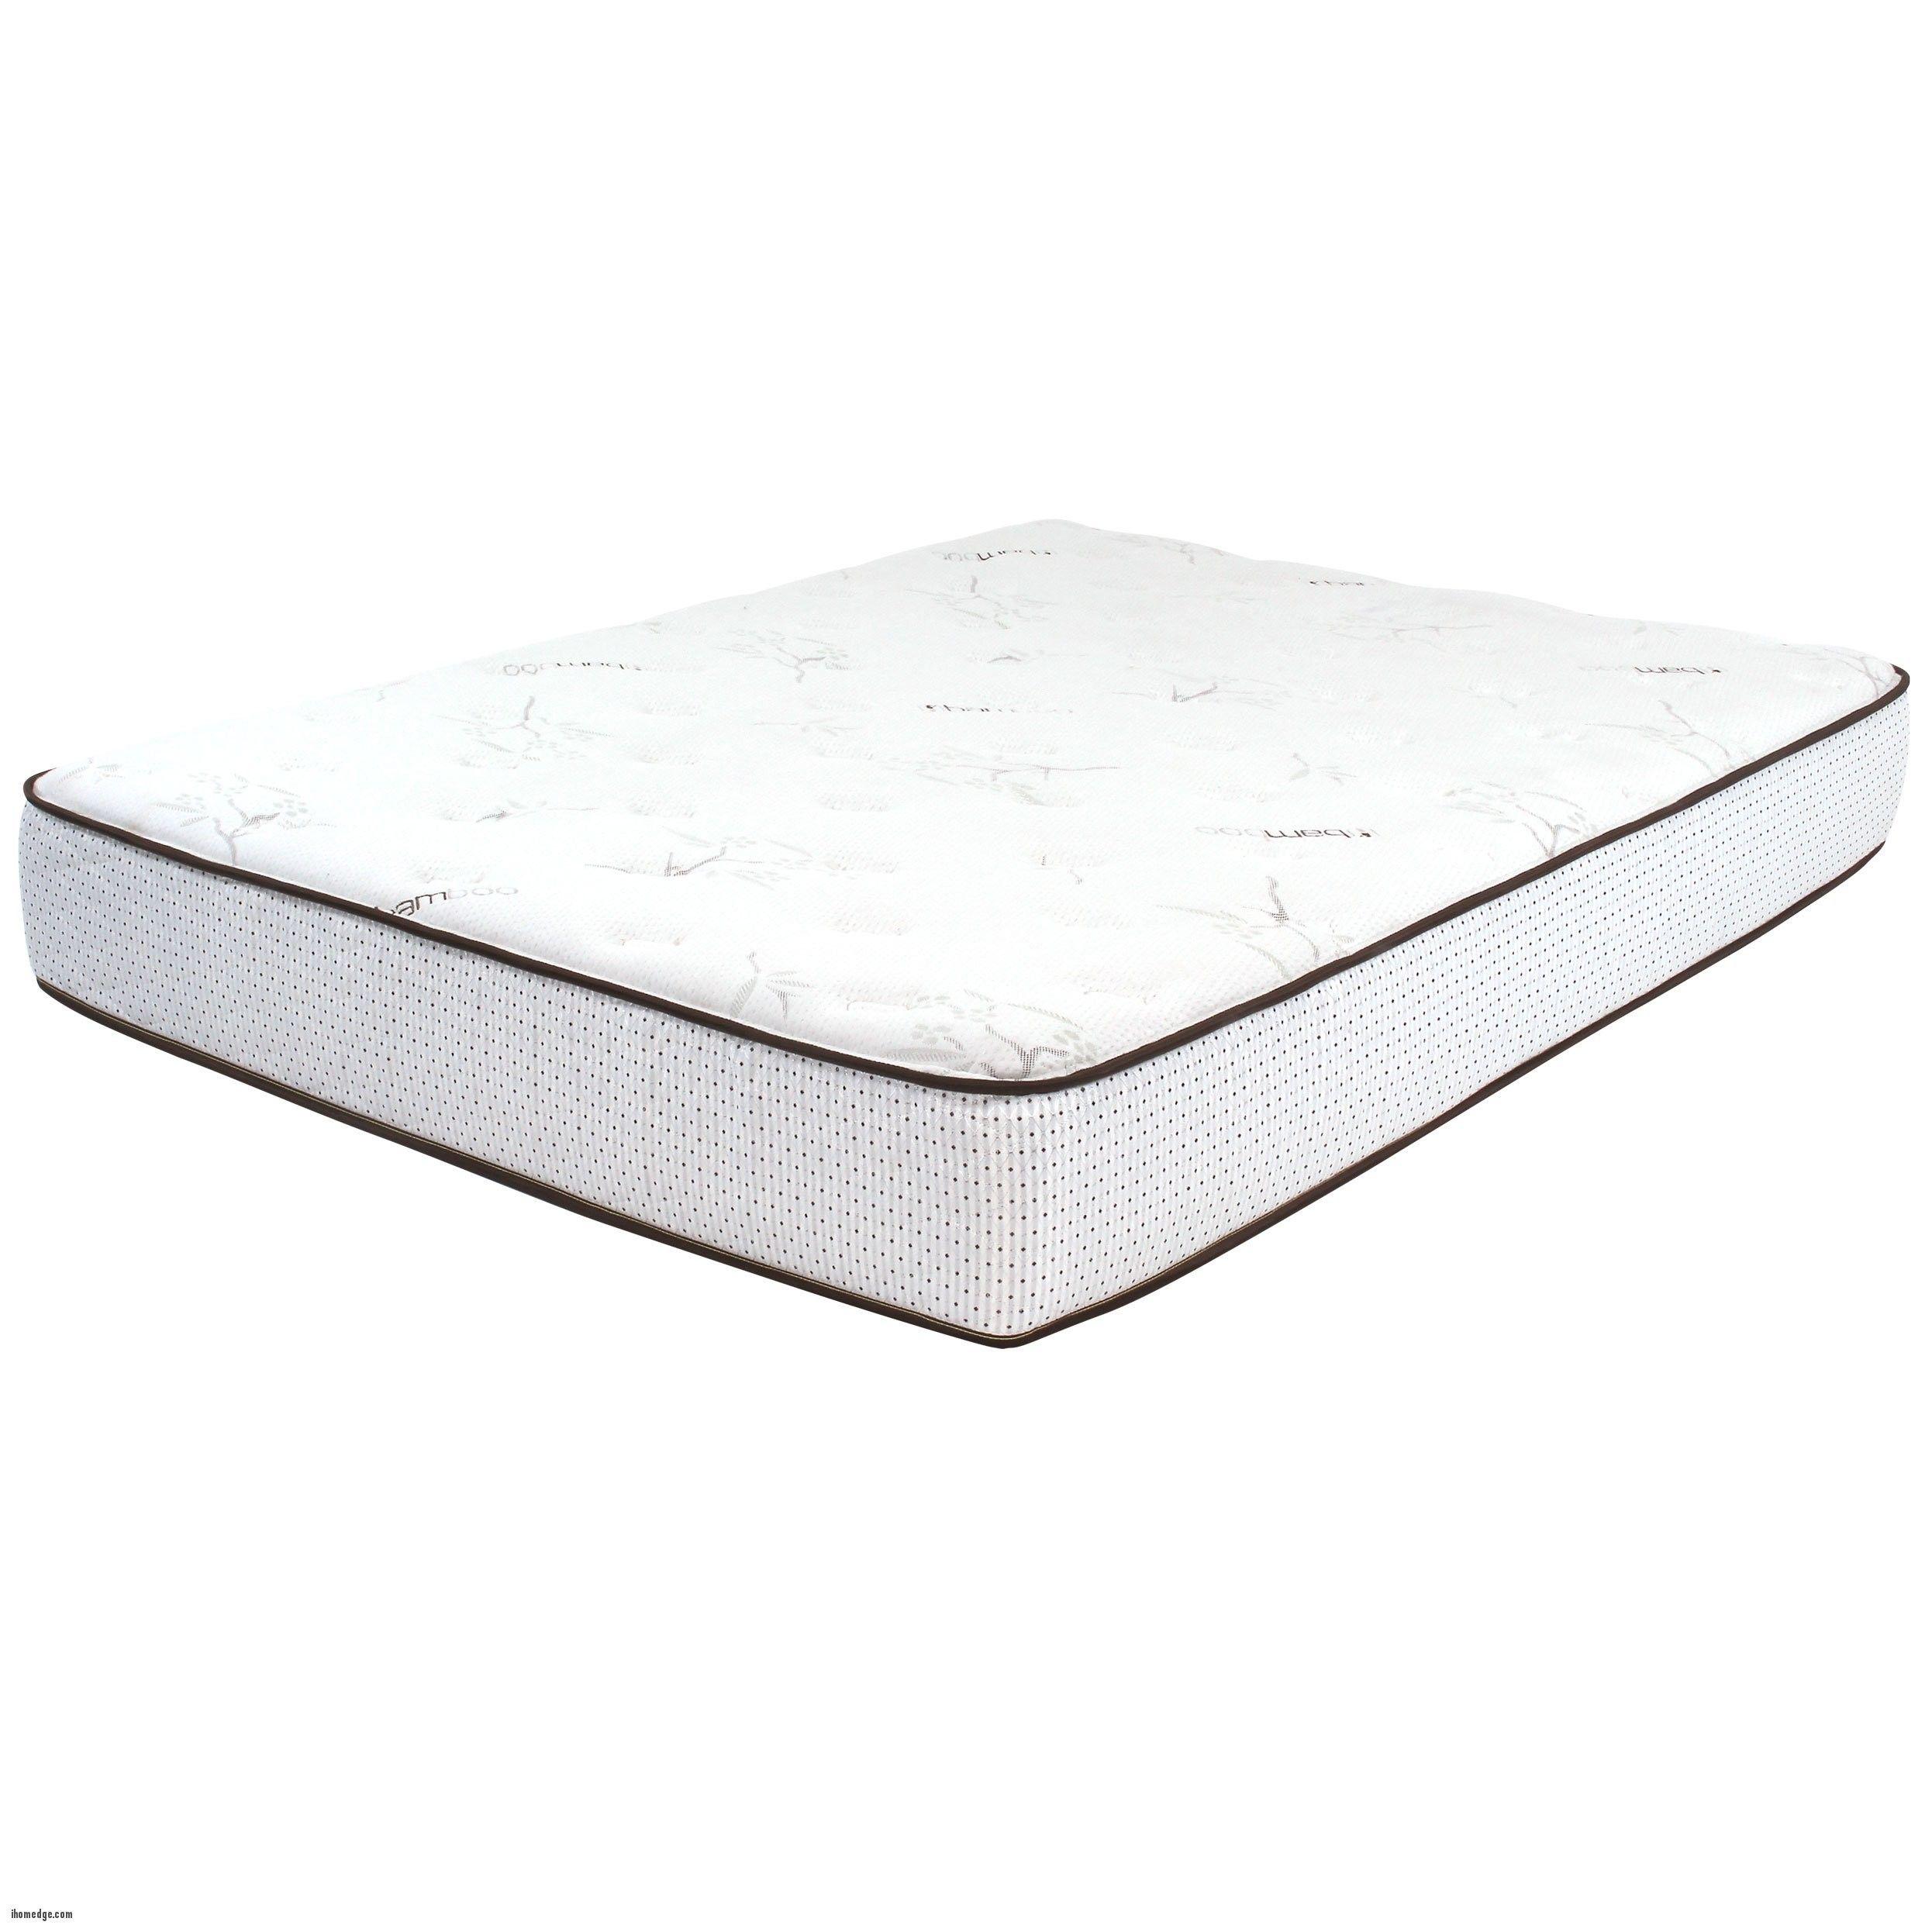 mattress bed pillow jantenhoor bedding pincore bag size foam top latex a for best king sheets info